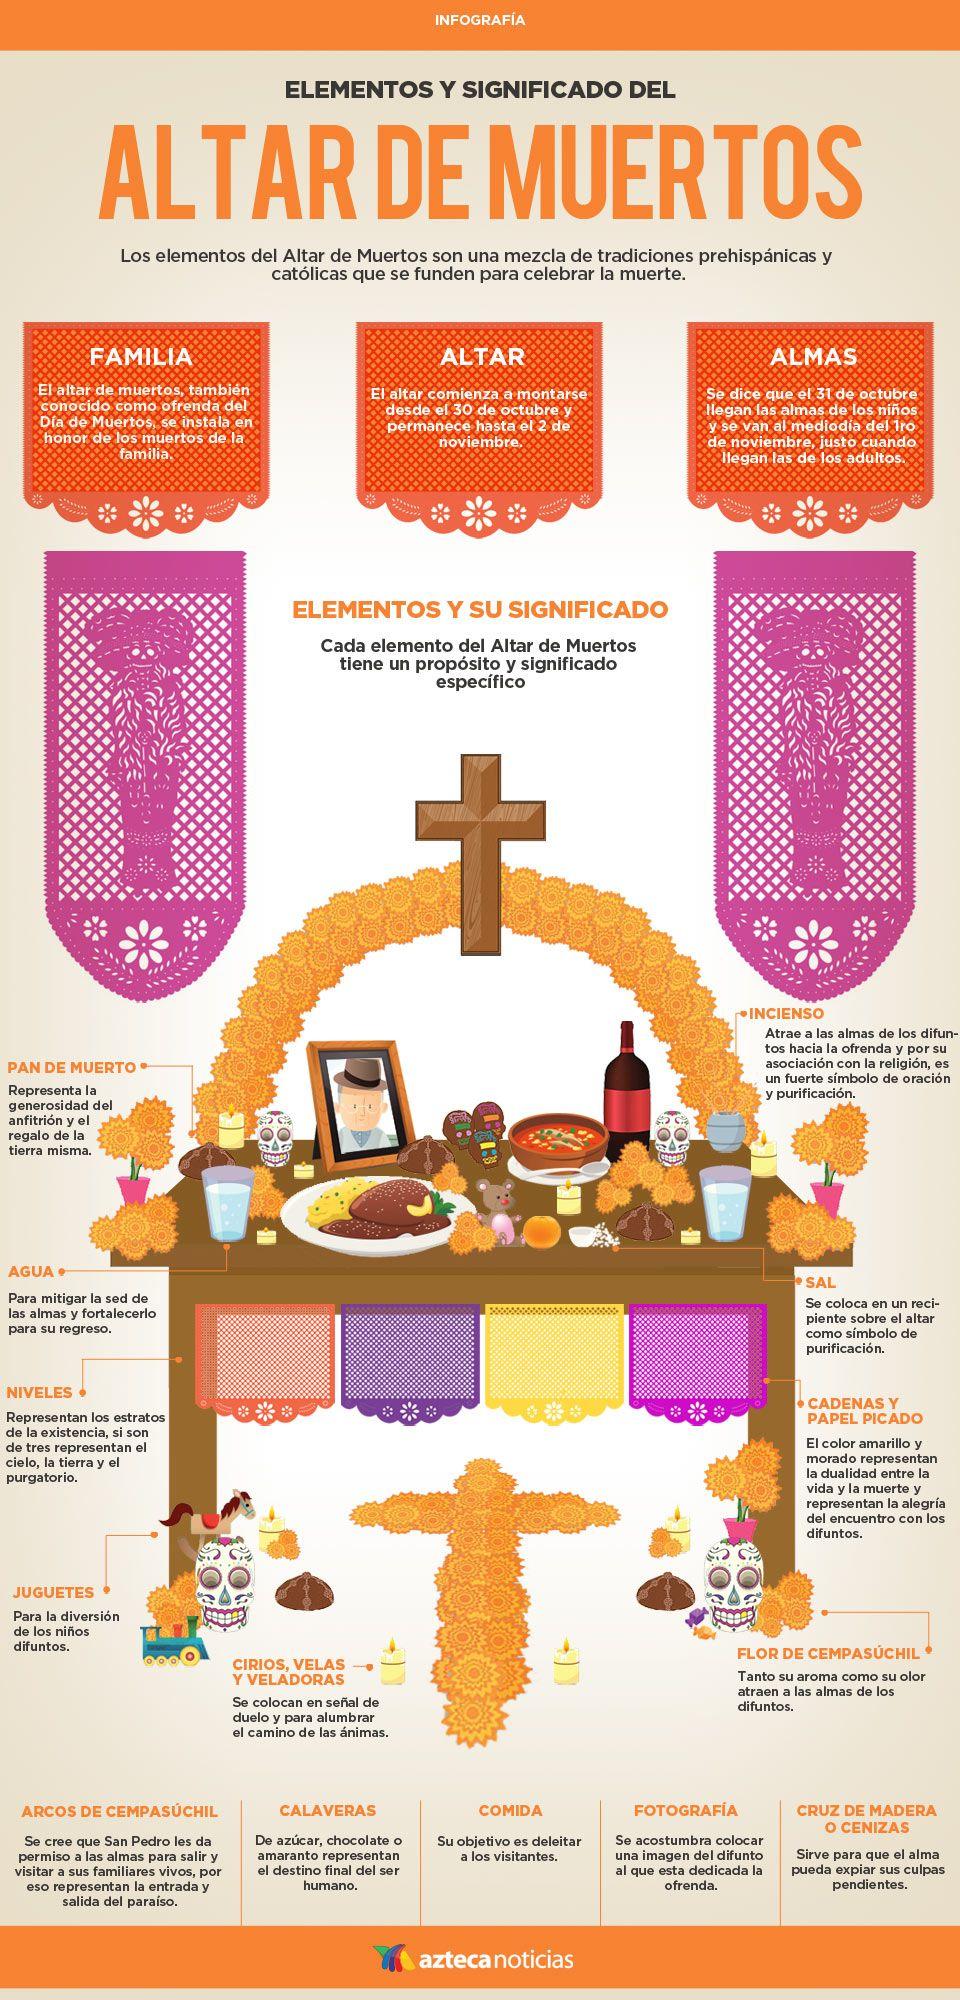 Elementos y significado del Altar de Muertos #infografia